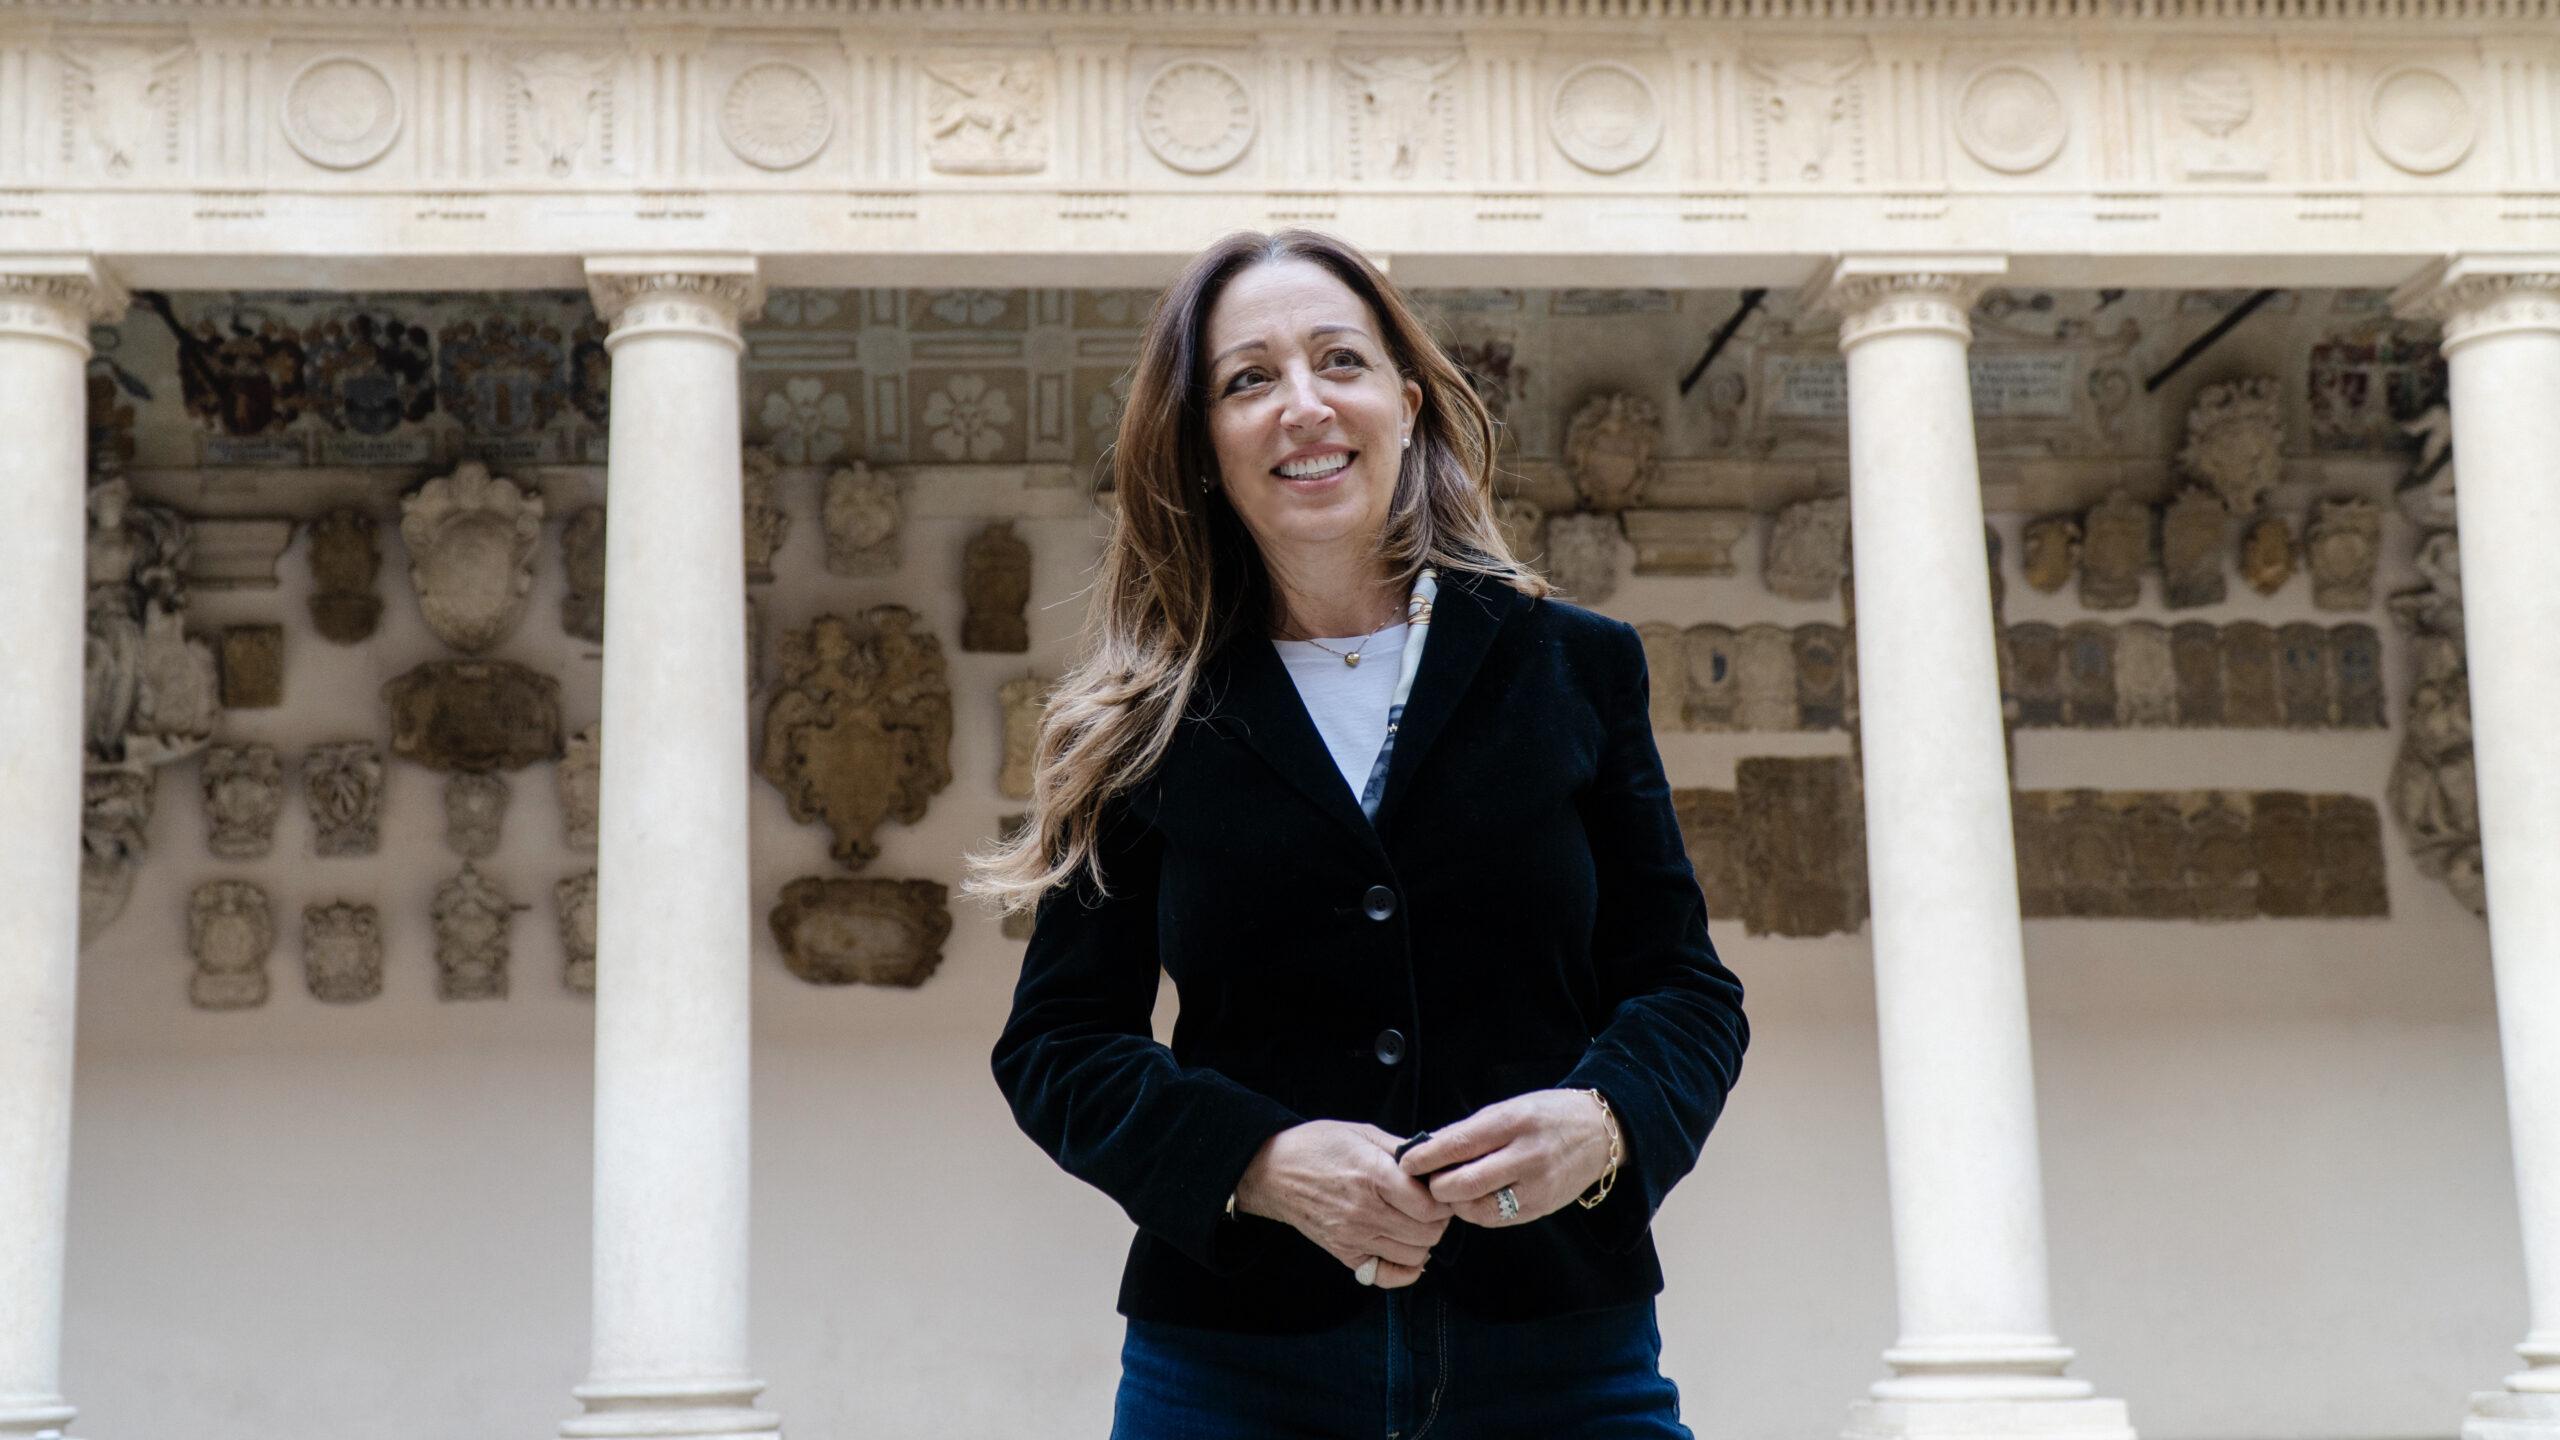 Le motivazioni di Daniela Mapelli per la sua candidatura nelle elezioni 2021 a rettrice dell'Università degli Studi di Padova: mettere la persona al centro di un'Università inclusiva, basata sulla trasparenza e coerenza, per creare un futuro sostenibile.